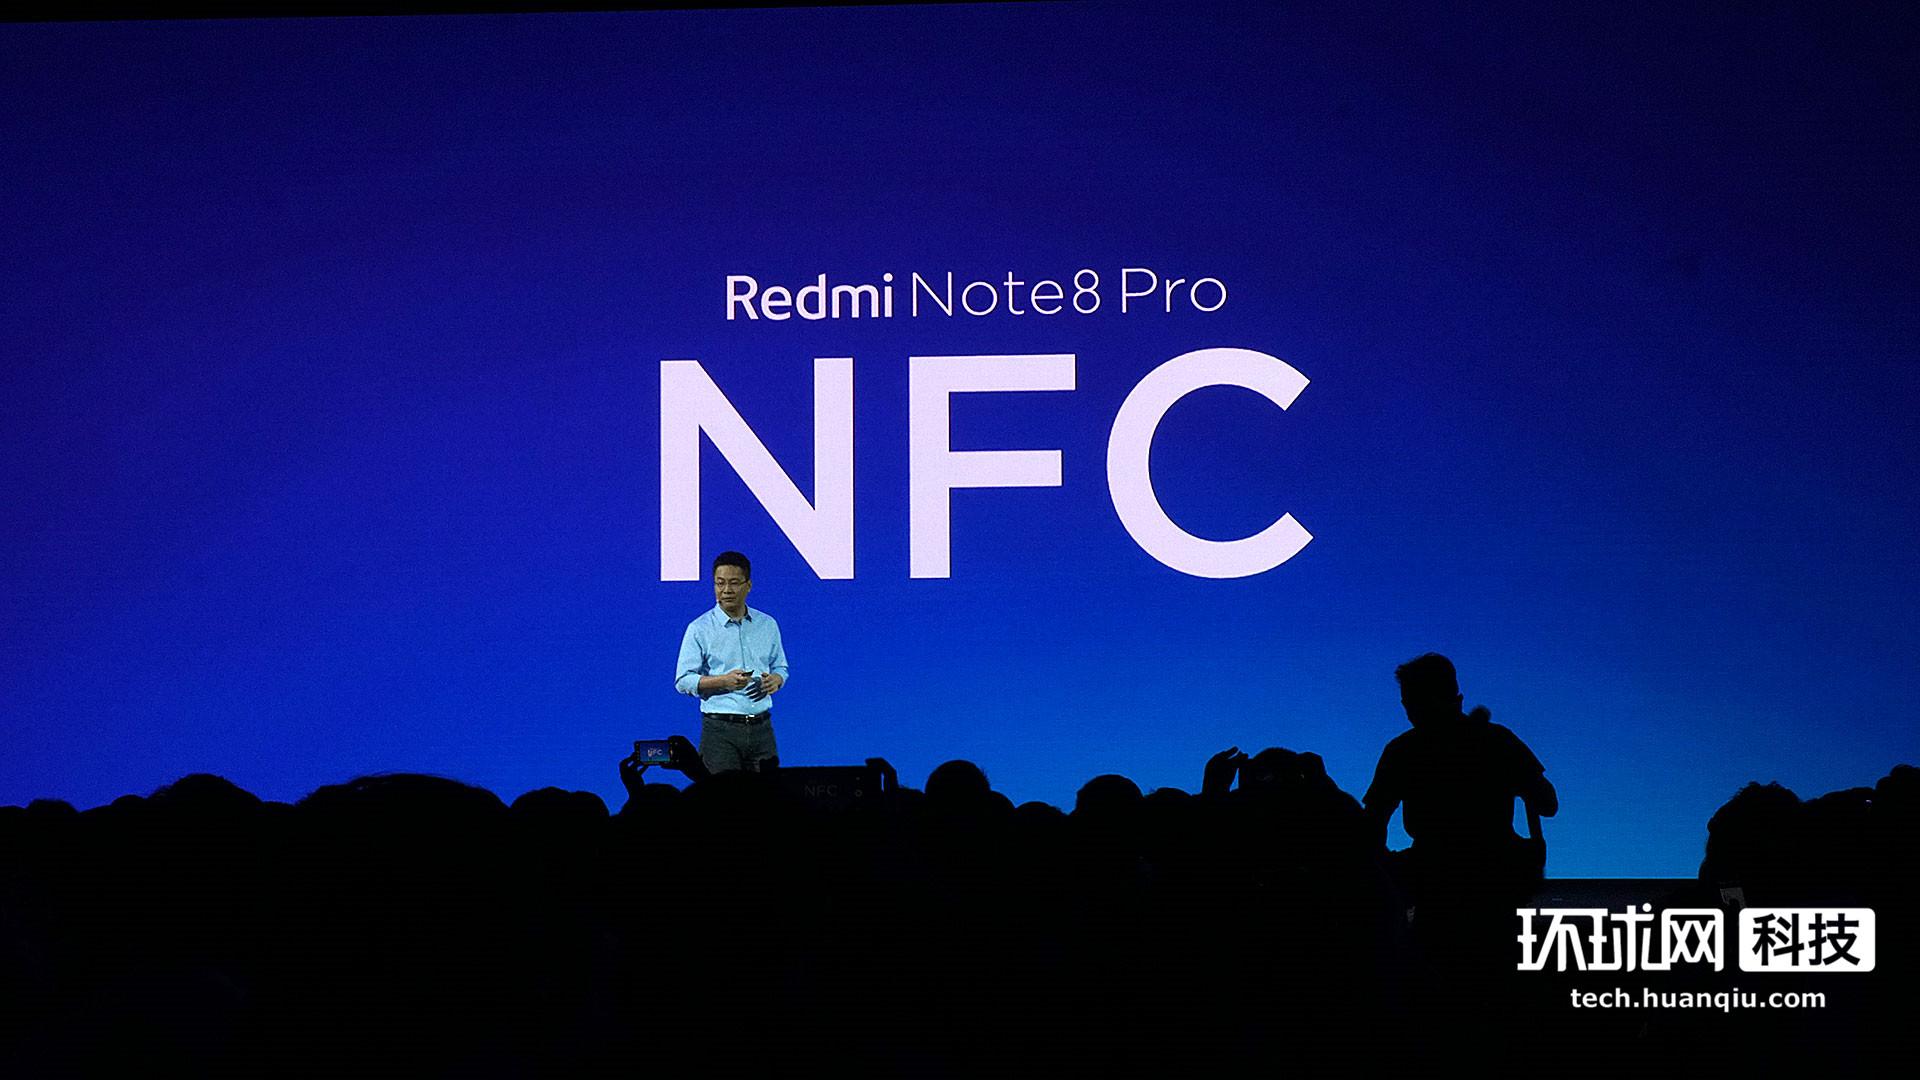 卢伟冰:Redmi将掀起NFC风暴,3年内全国县市普及